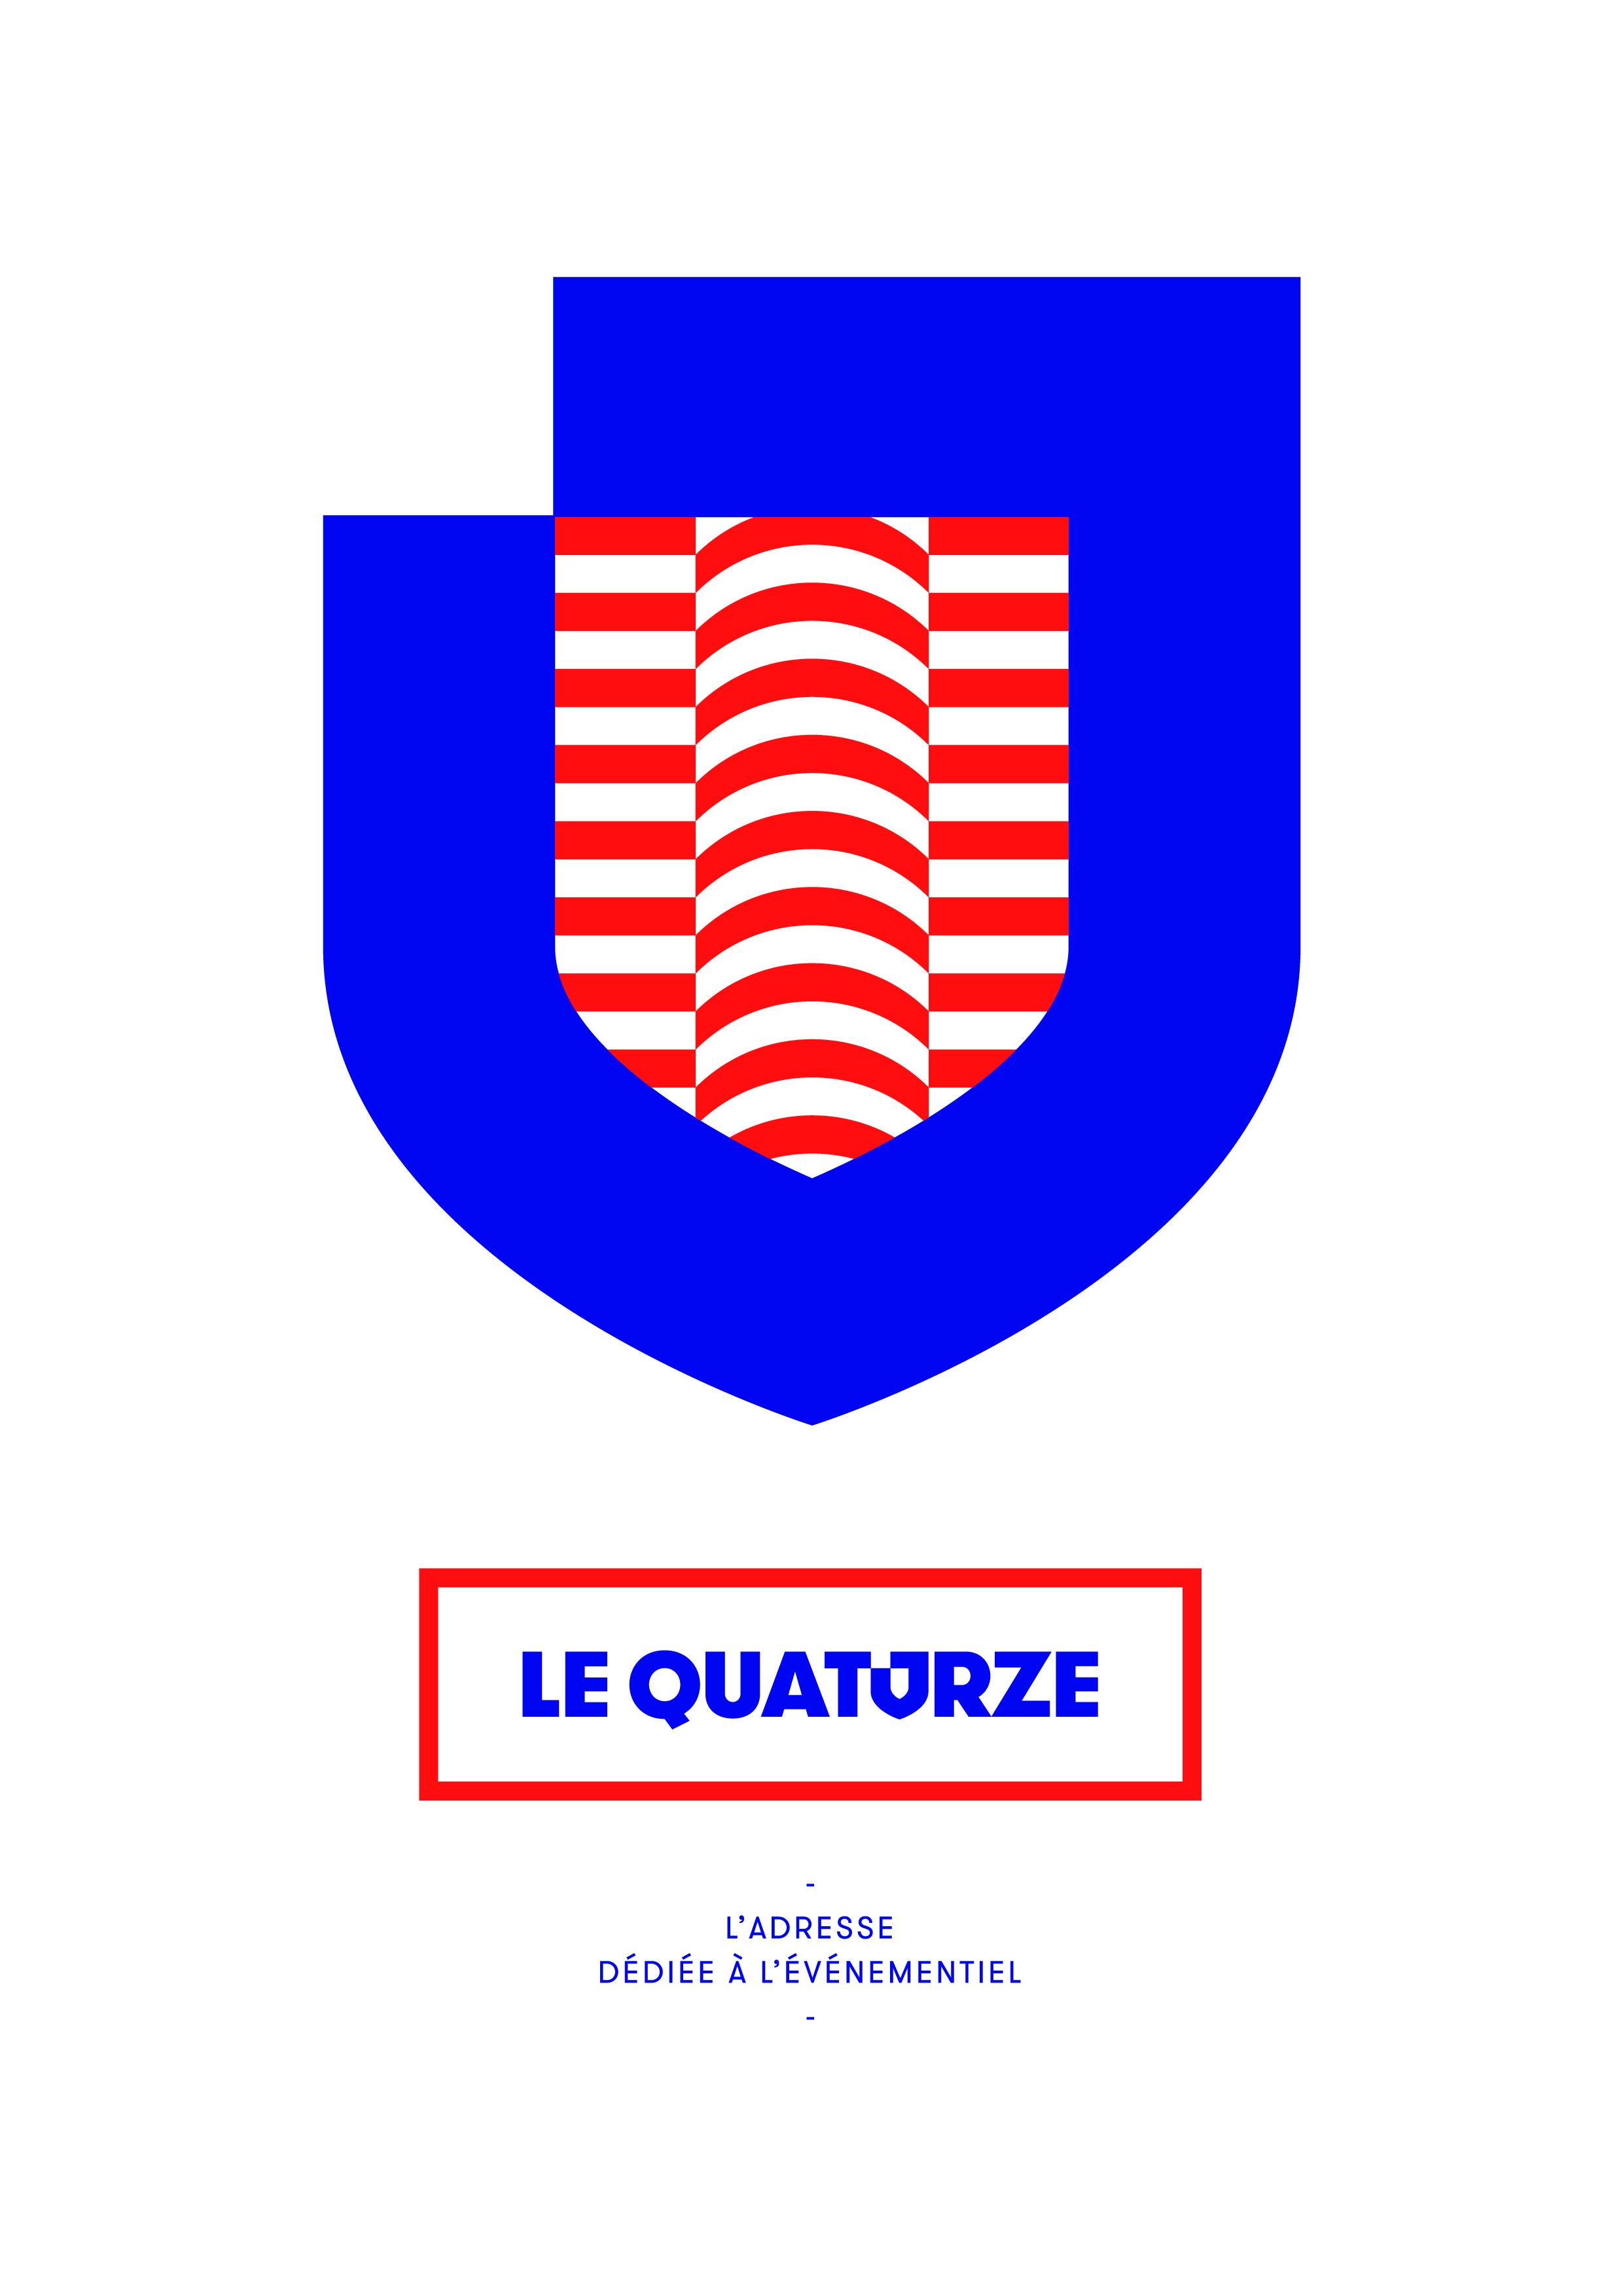 Logo Le Quatorze